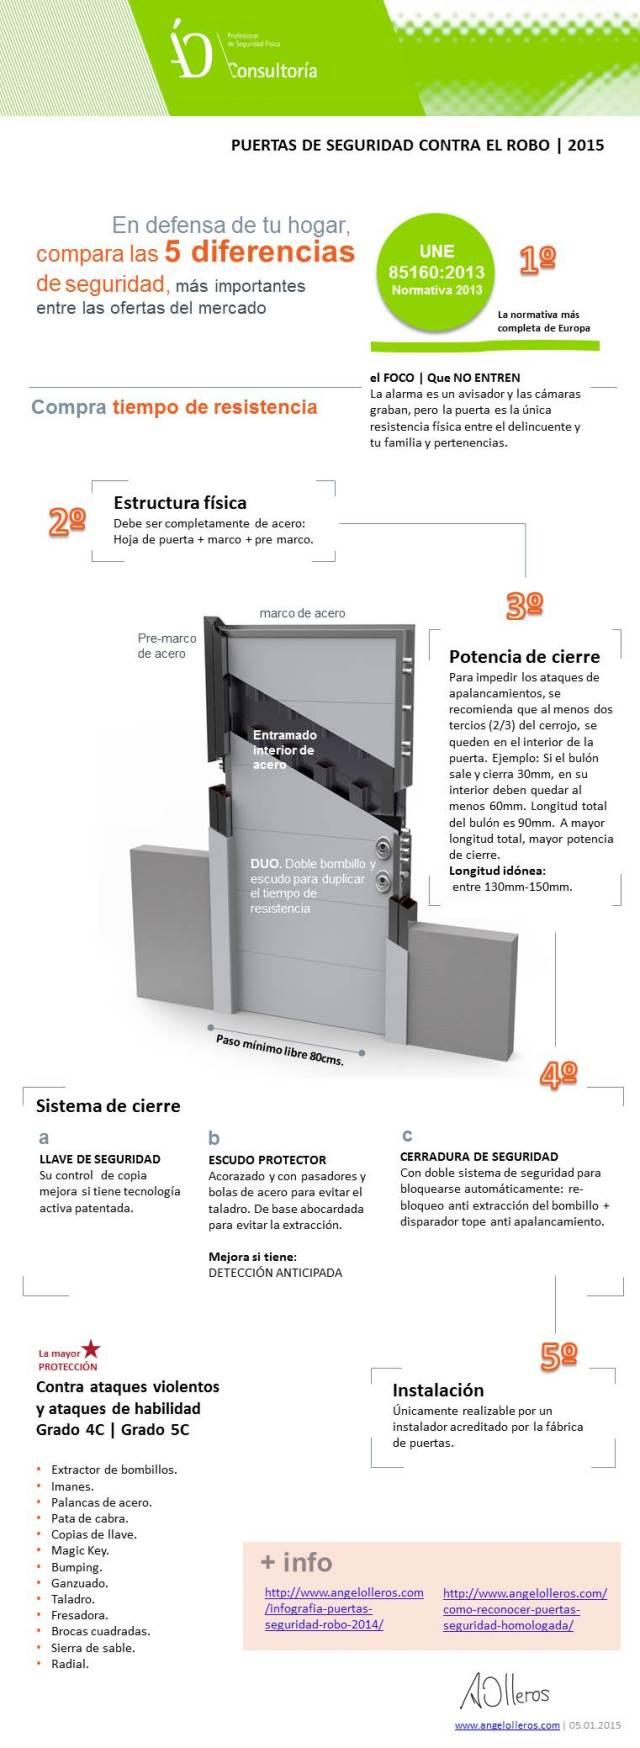 Infografia 5 diferencias puertas de seguridad by angel olleros